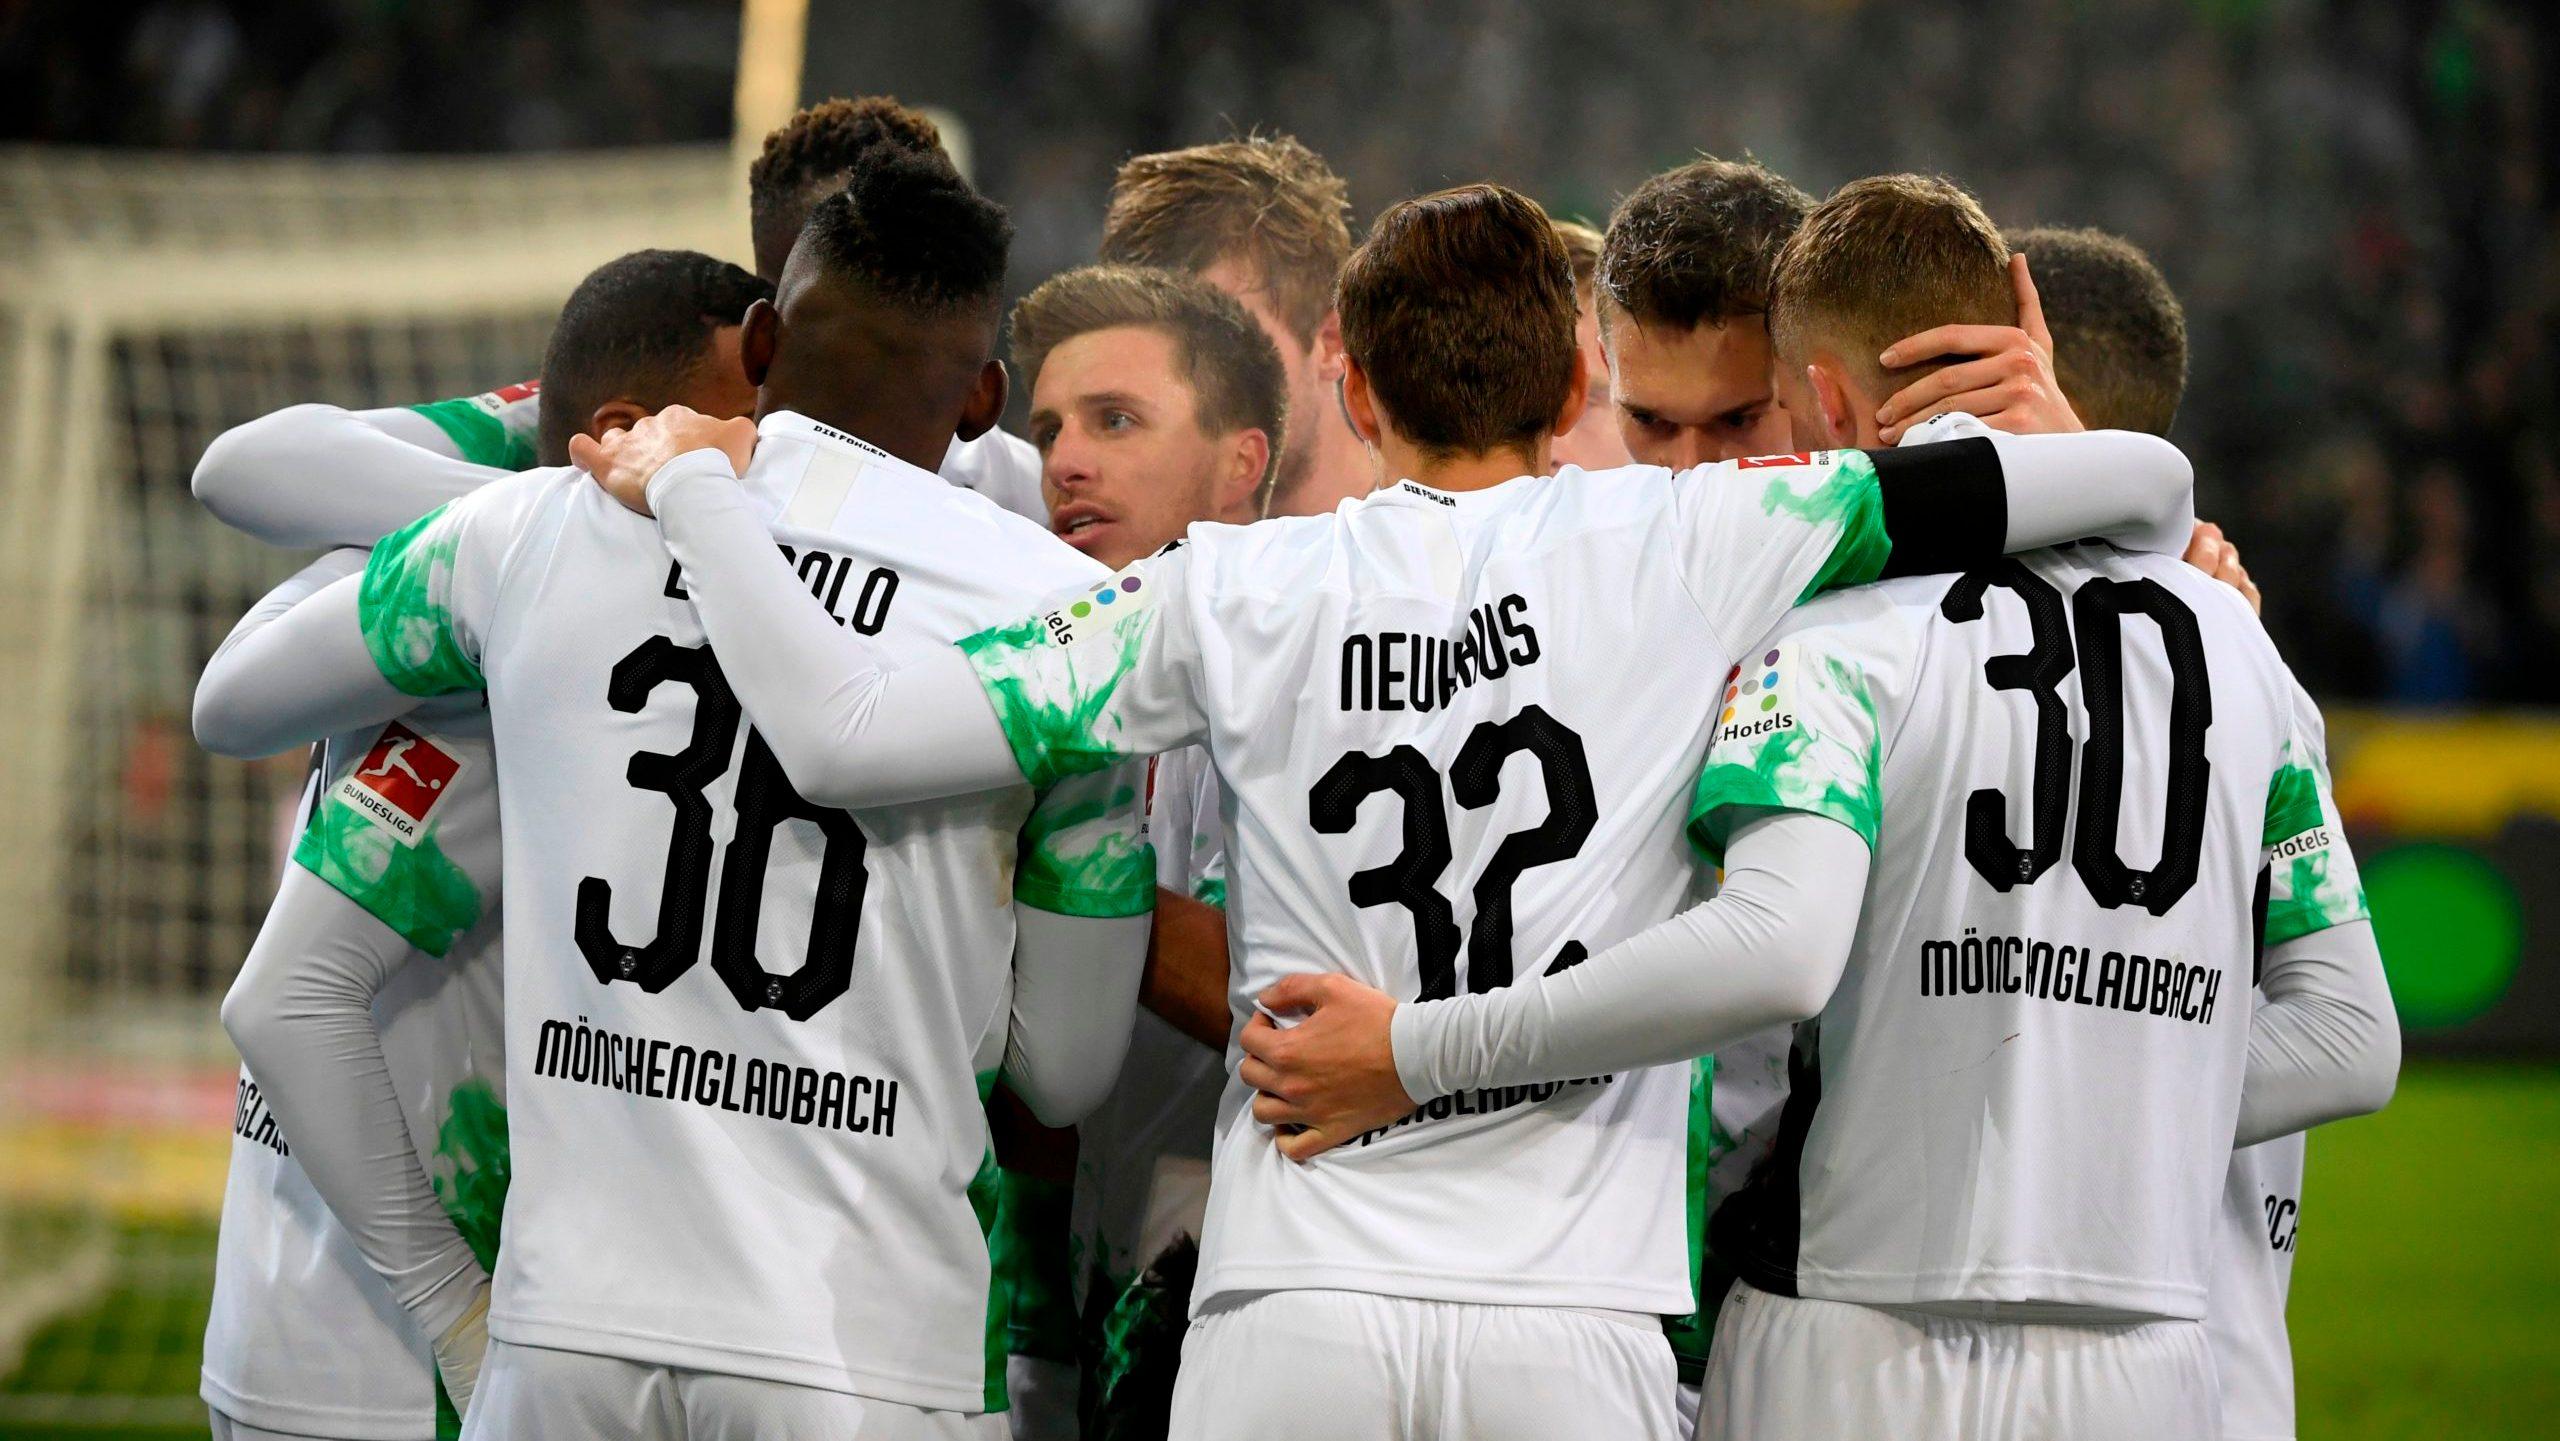 Mönchengladbach meldet sich im Titelrennen zurück